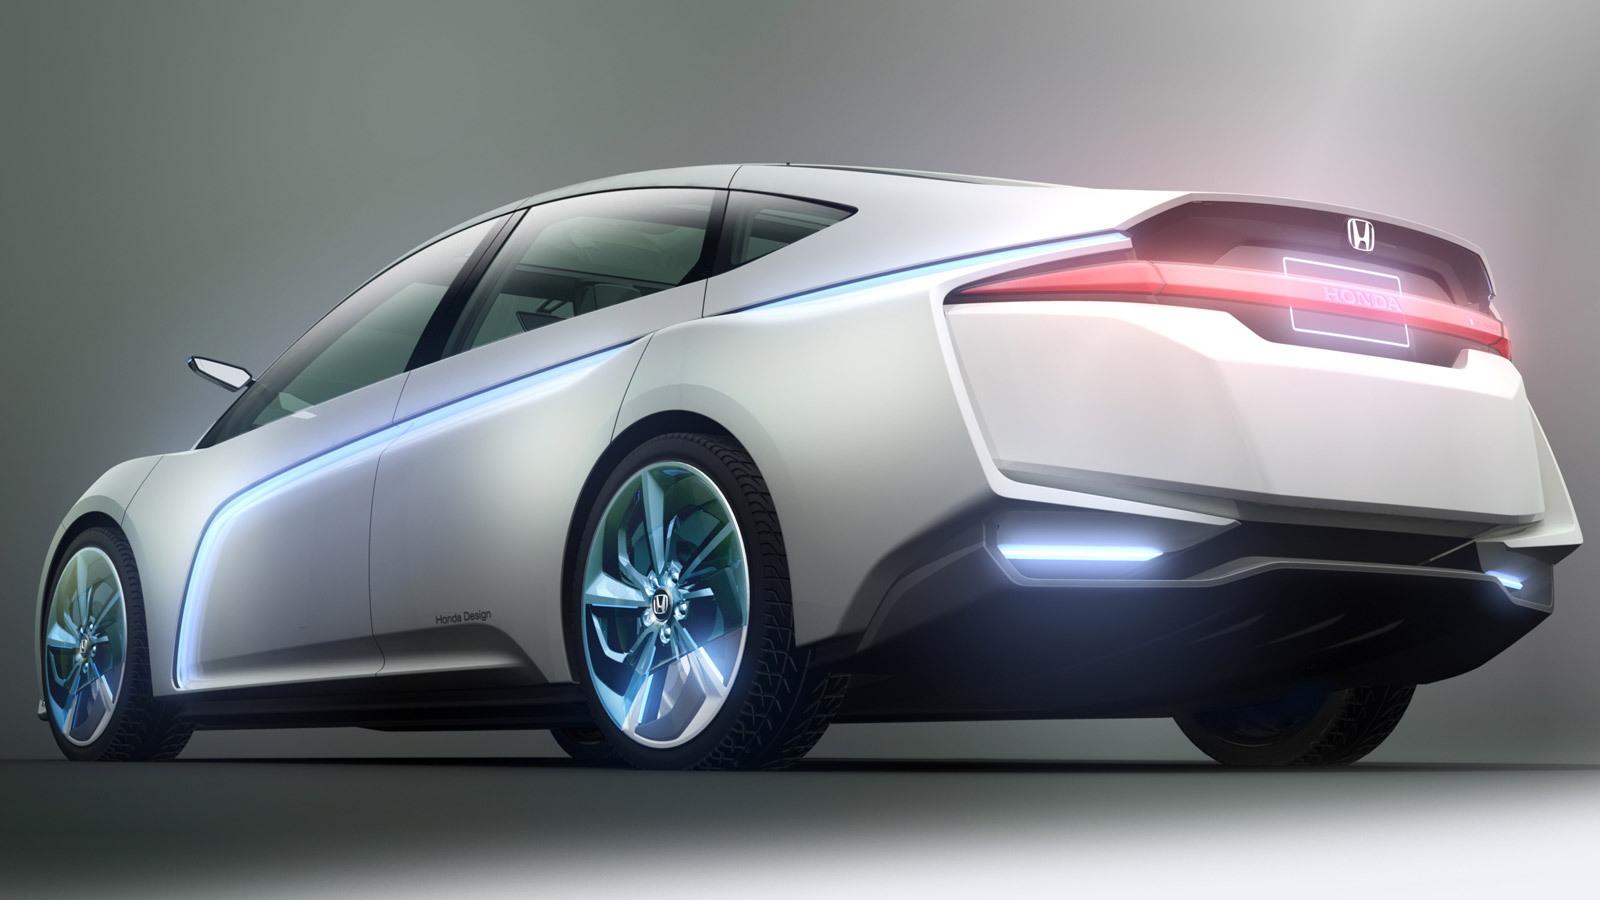 2011 Honda AC-X Plug-In Hybrid Concept